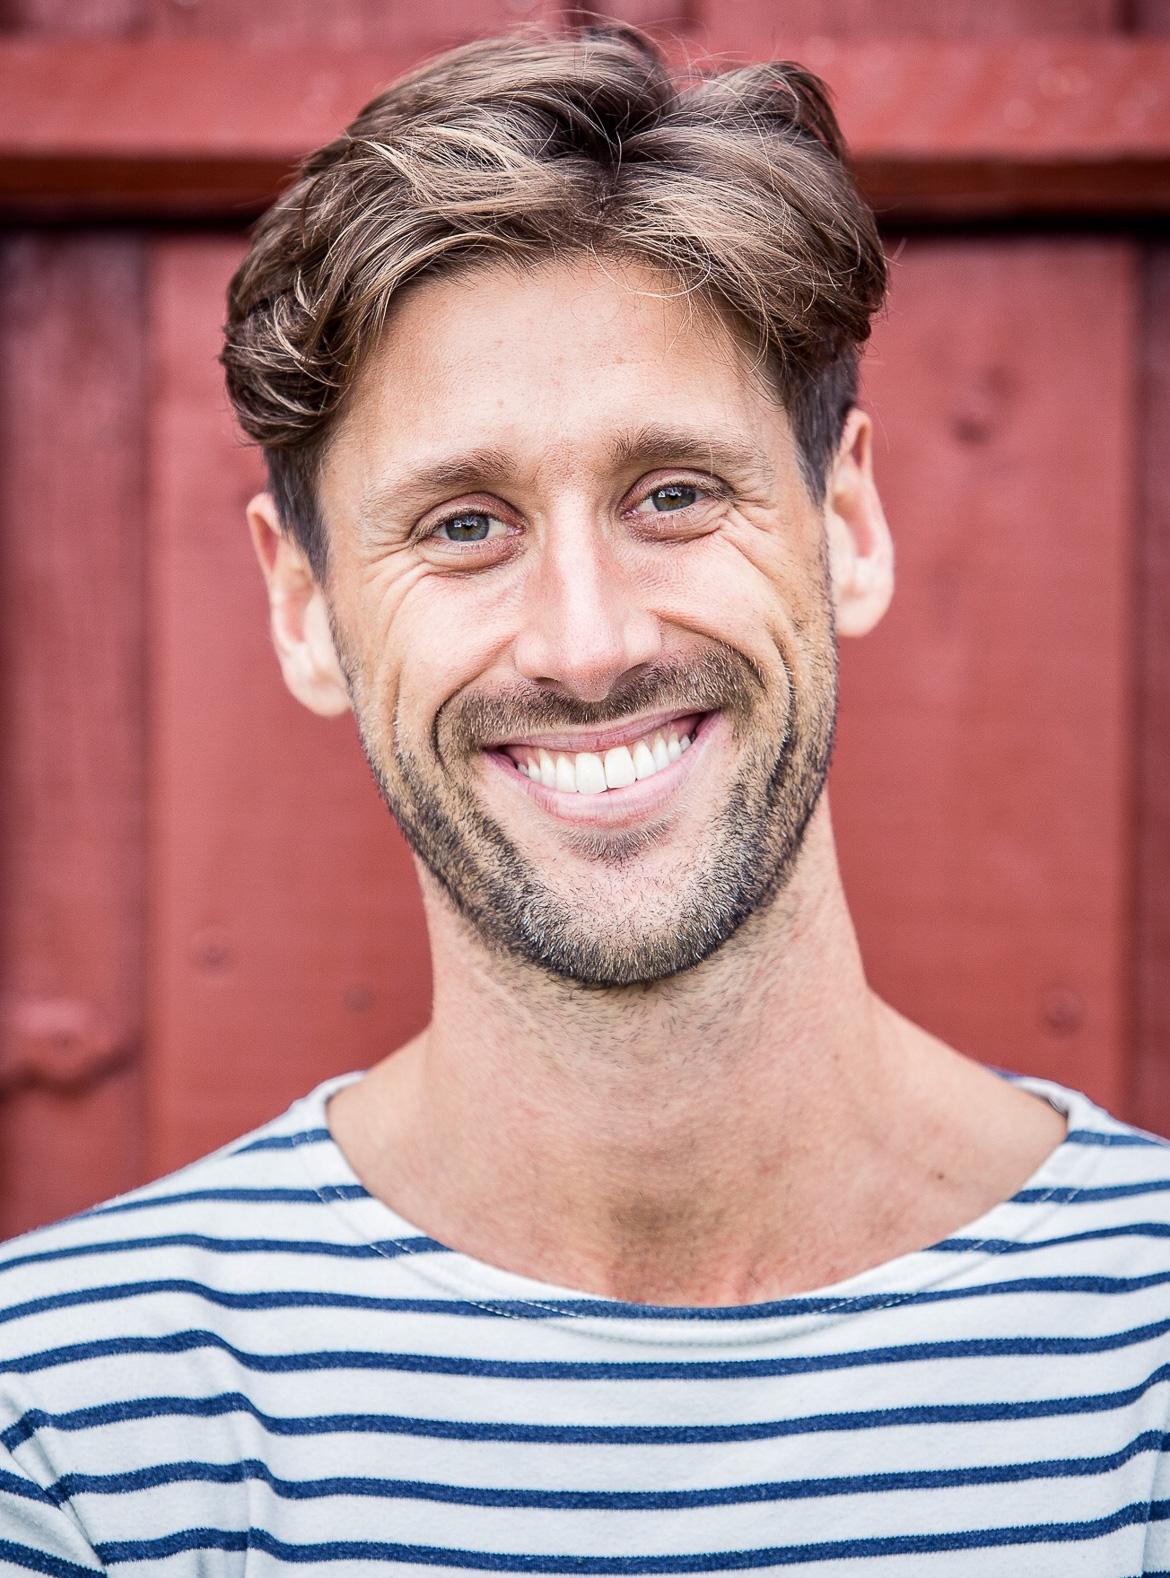 Mikkel Hybel Fønsskov